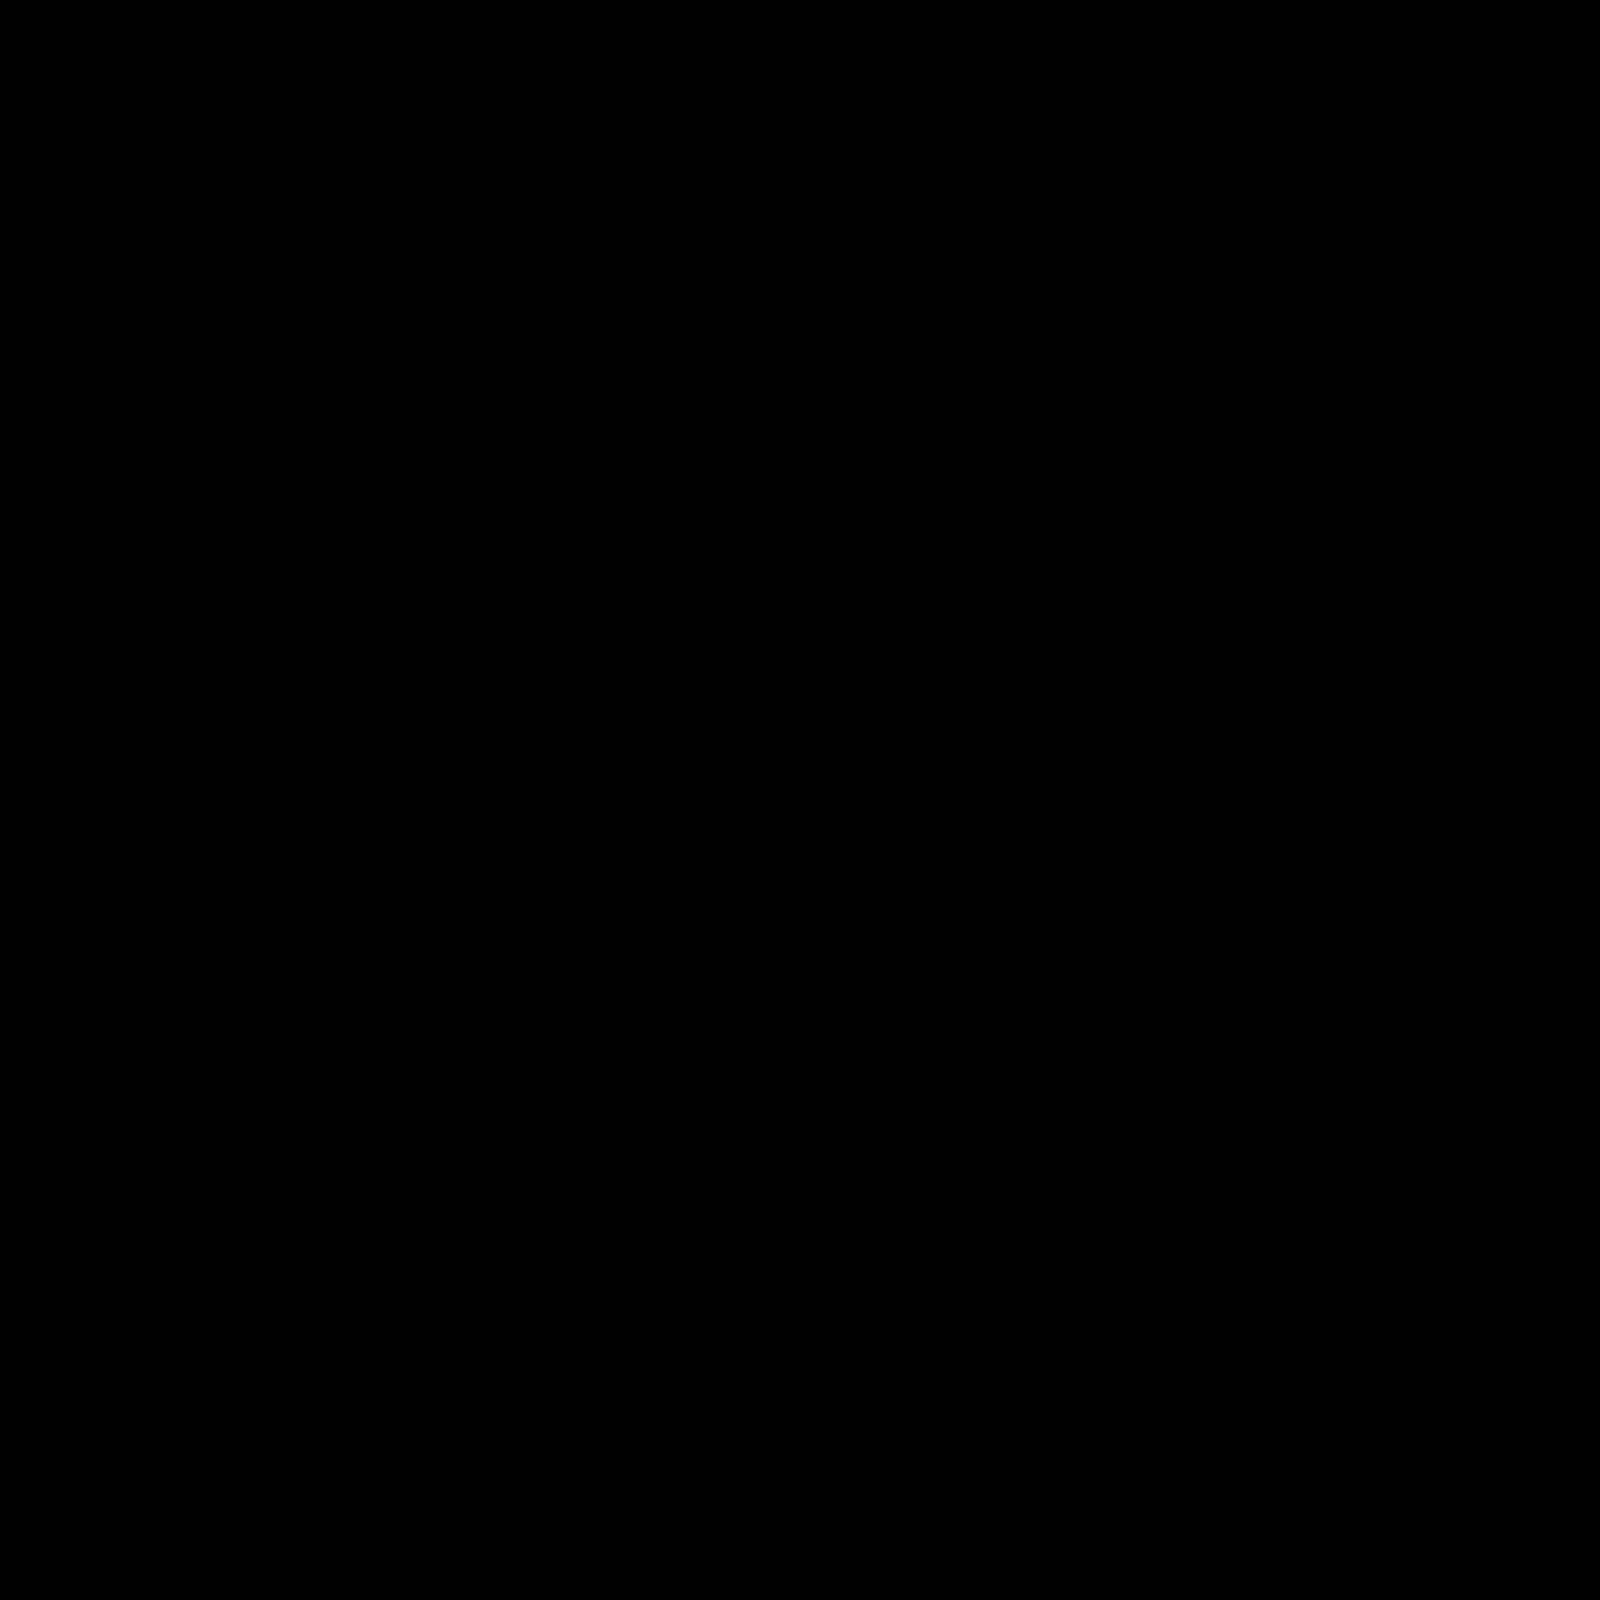 Kopia kodu icon